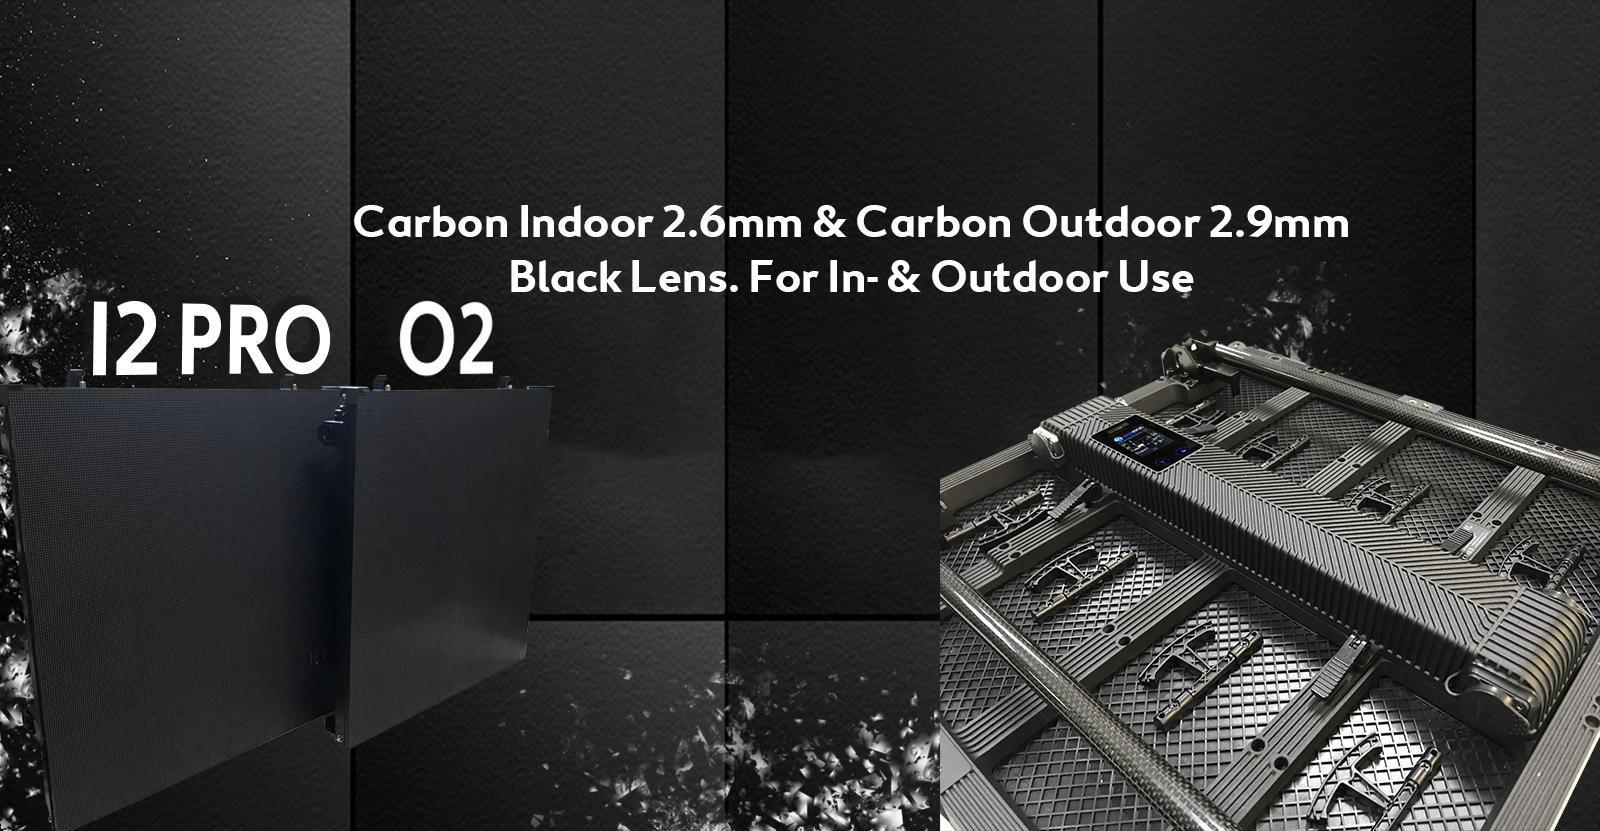 In- & Outdoor Black